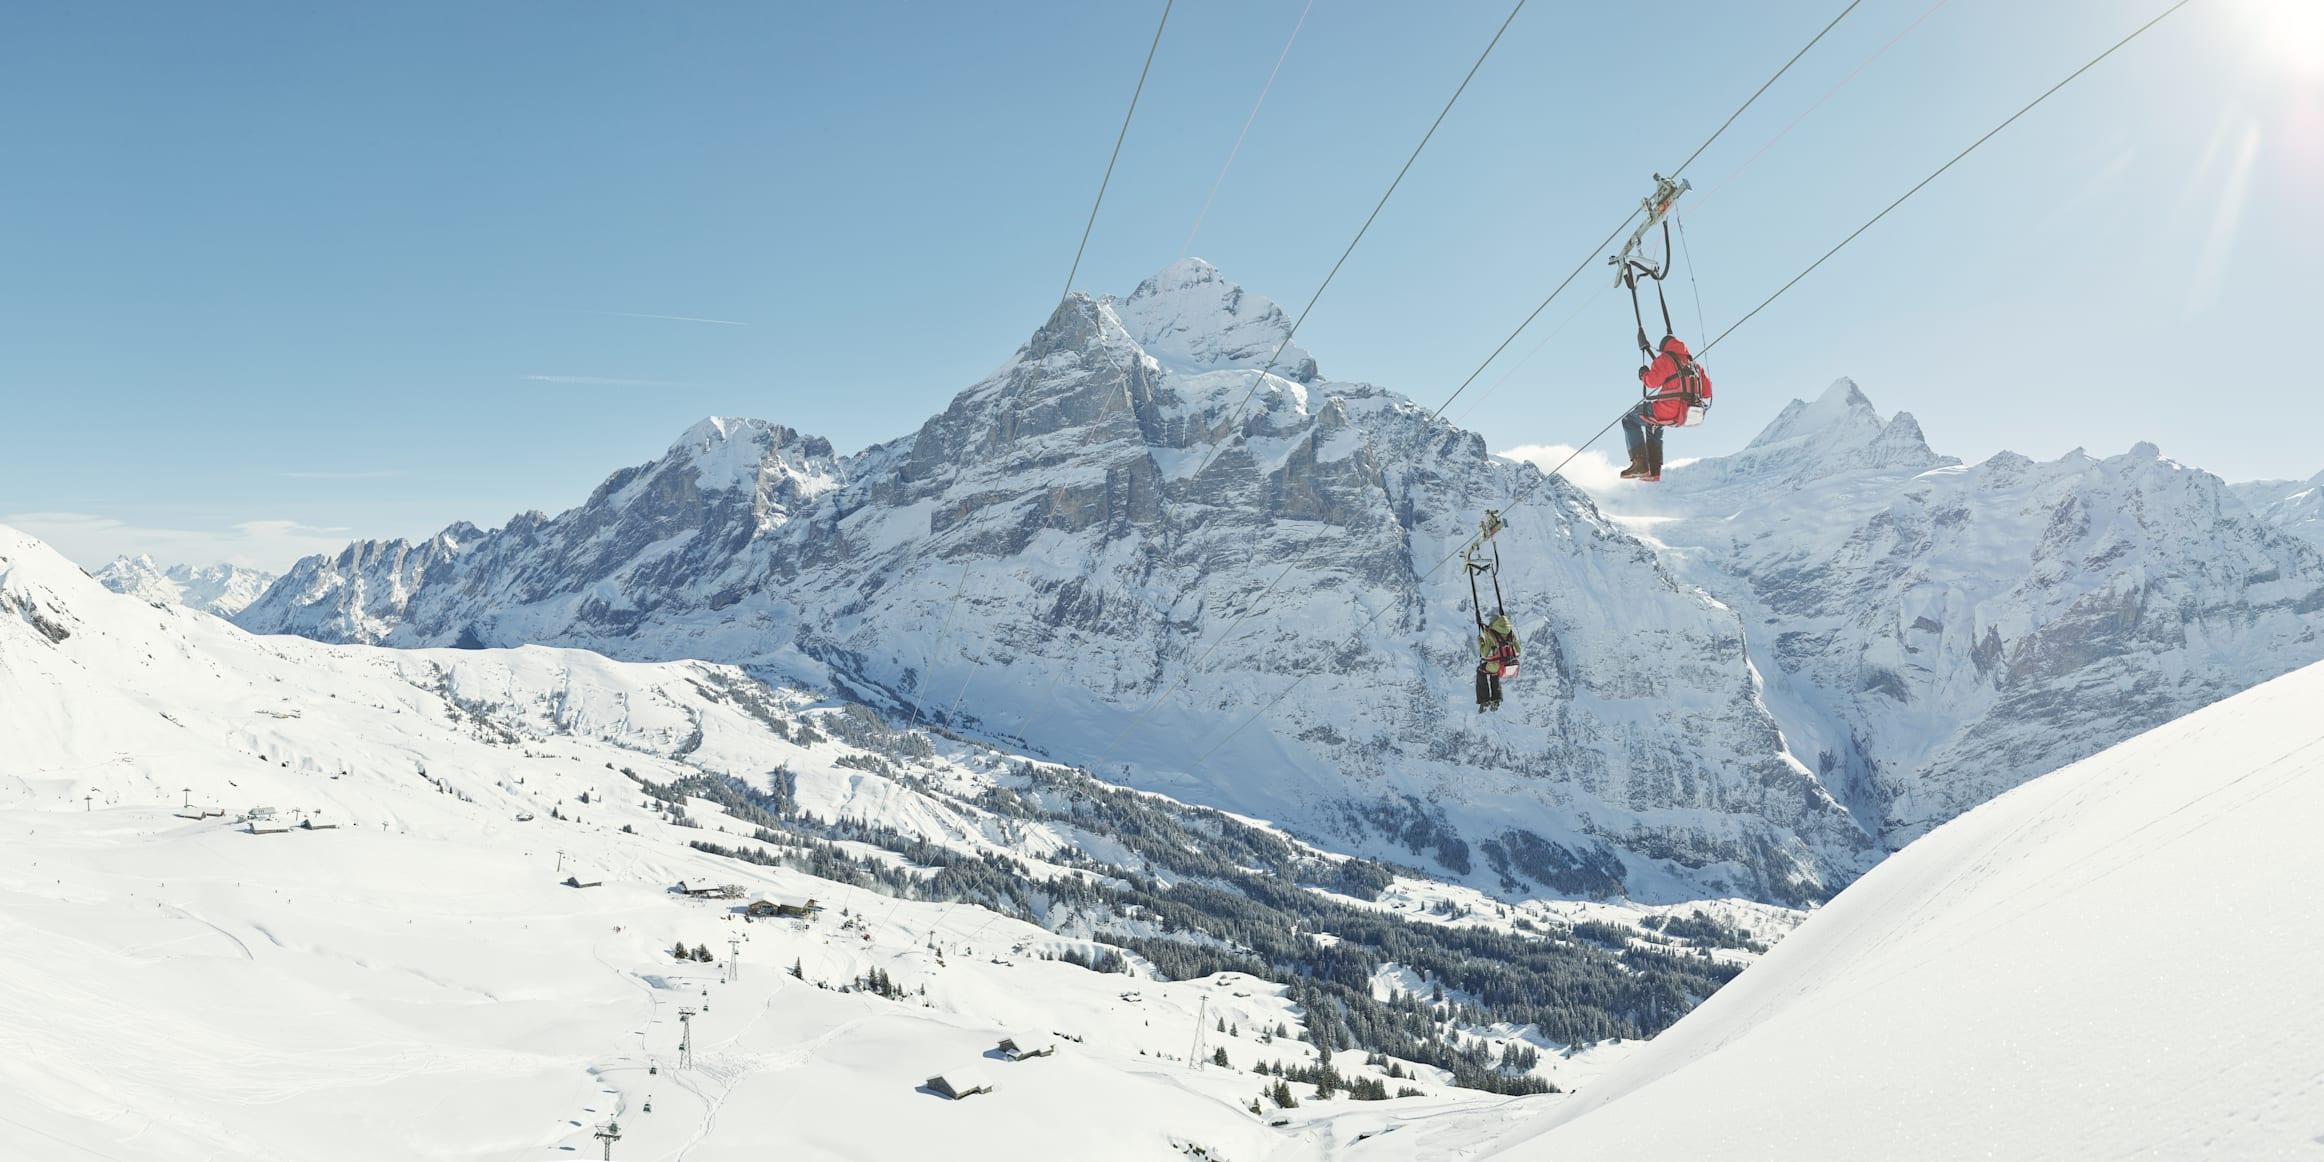 First Flyer winter snow Grindelwald Eiger